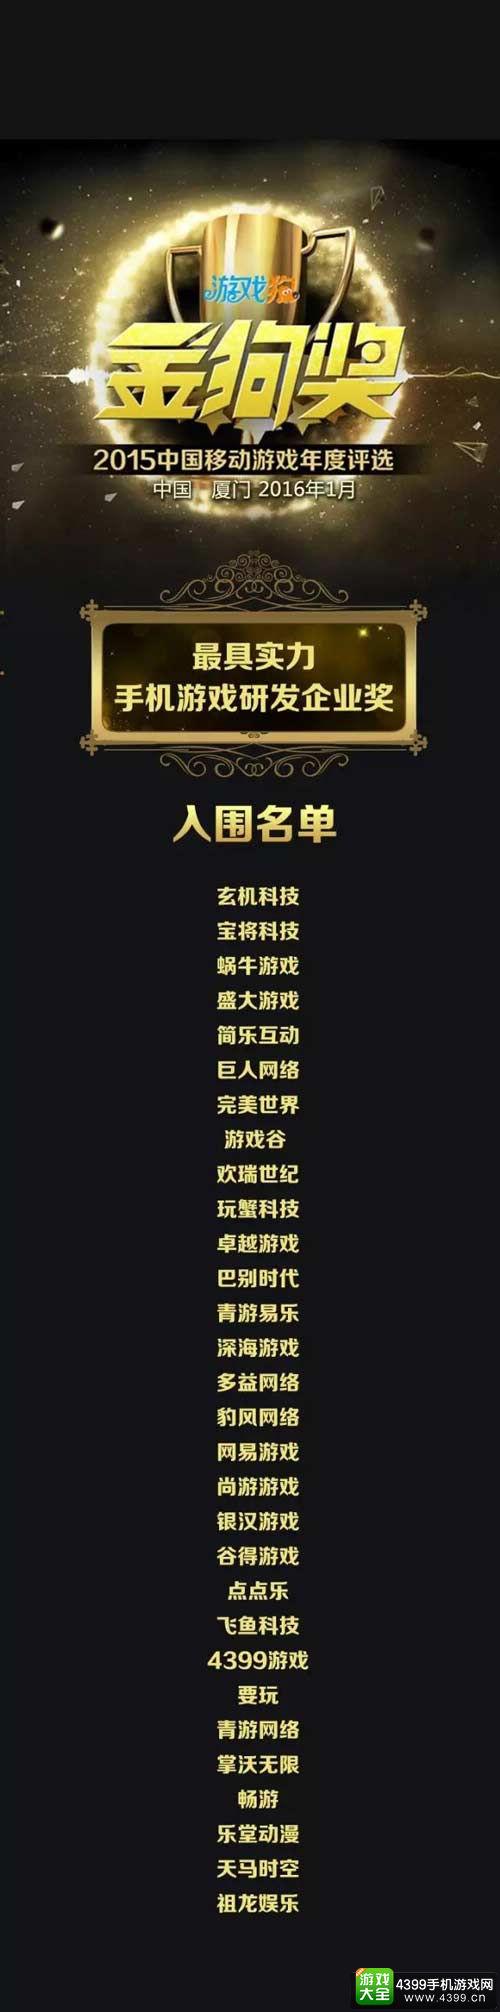 2015金狗奖中国移动游戏年度评选入围名单正式公布